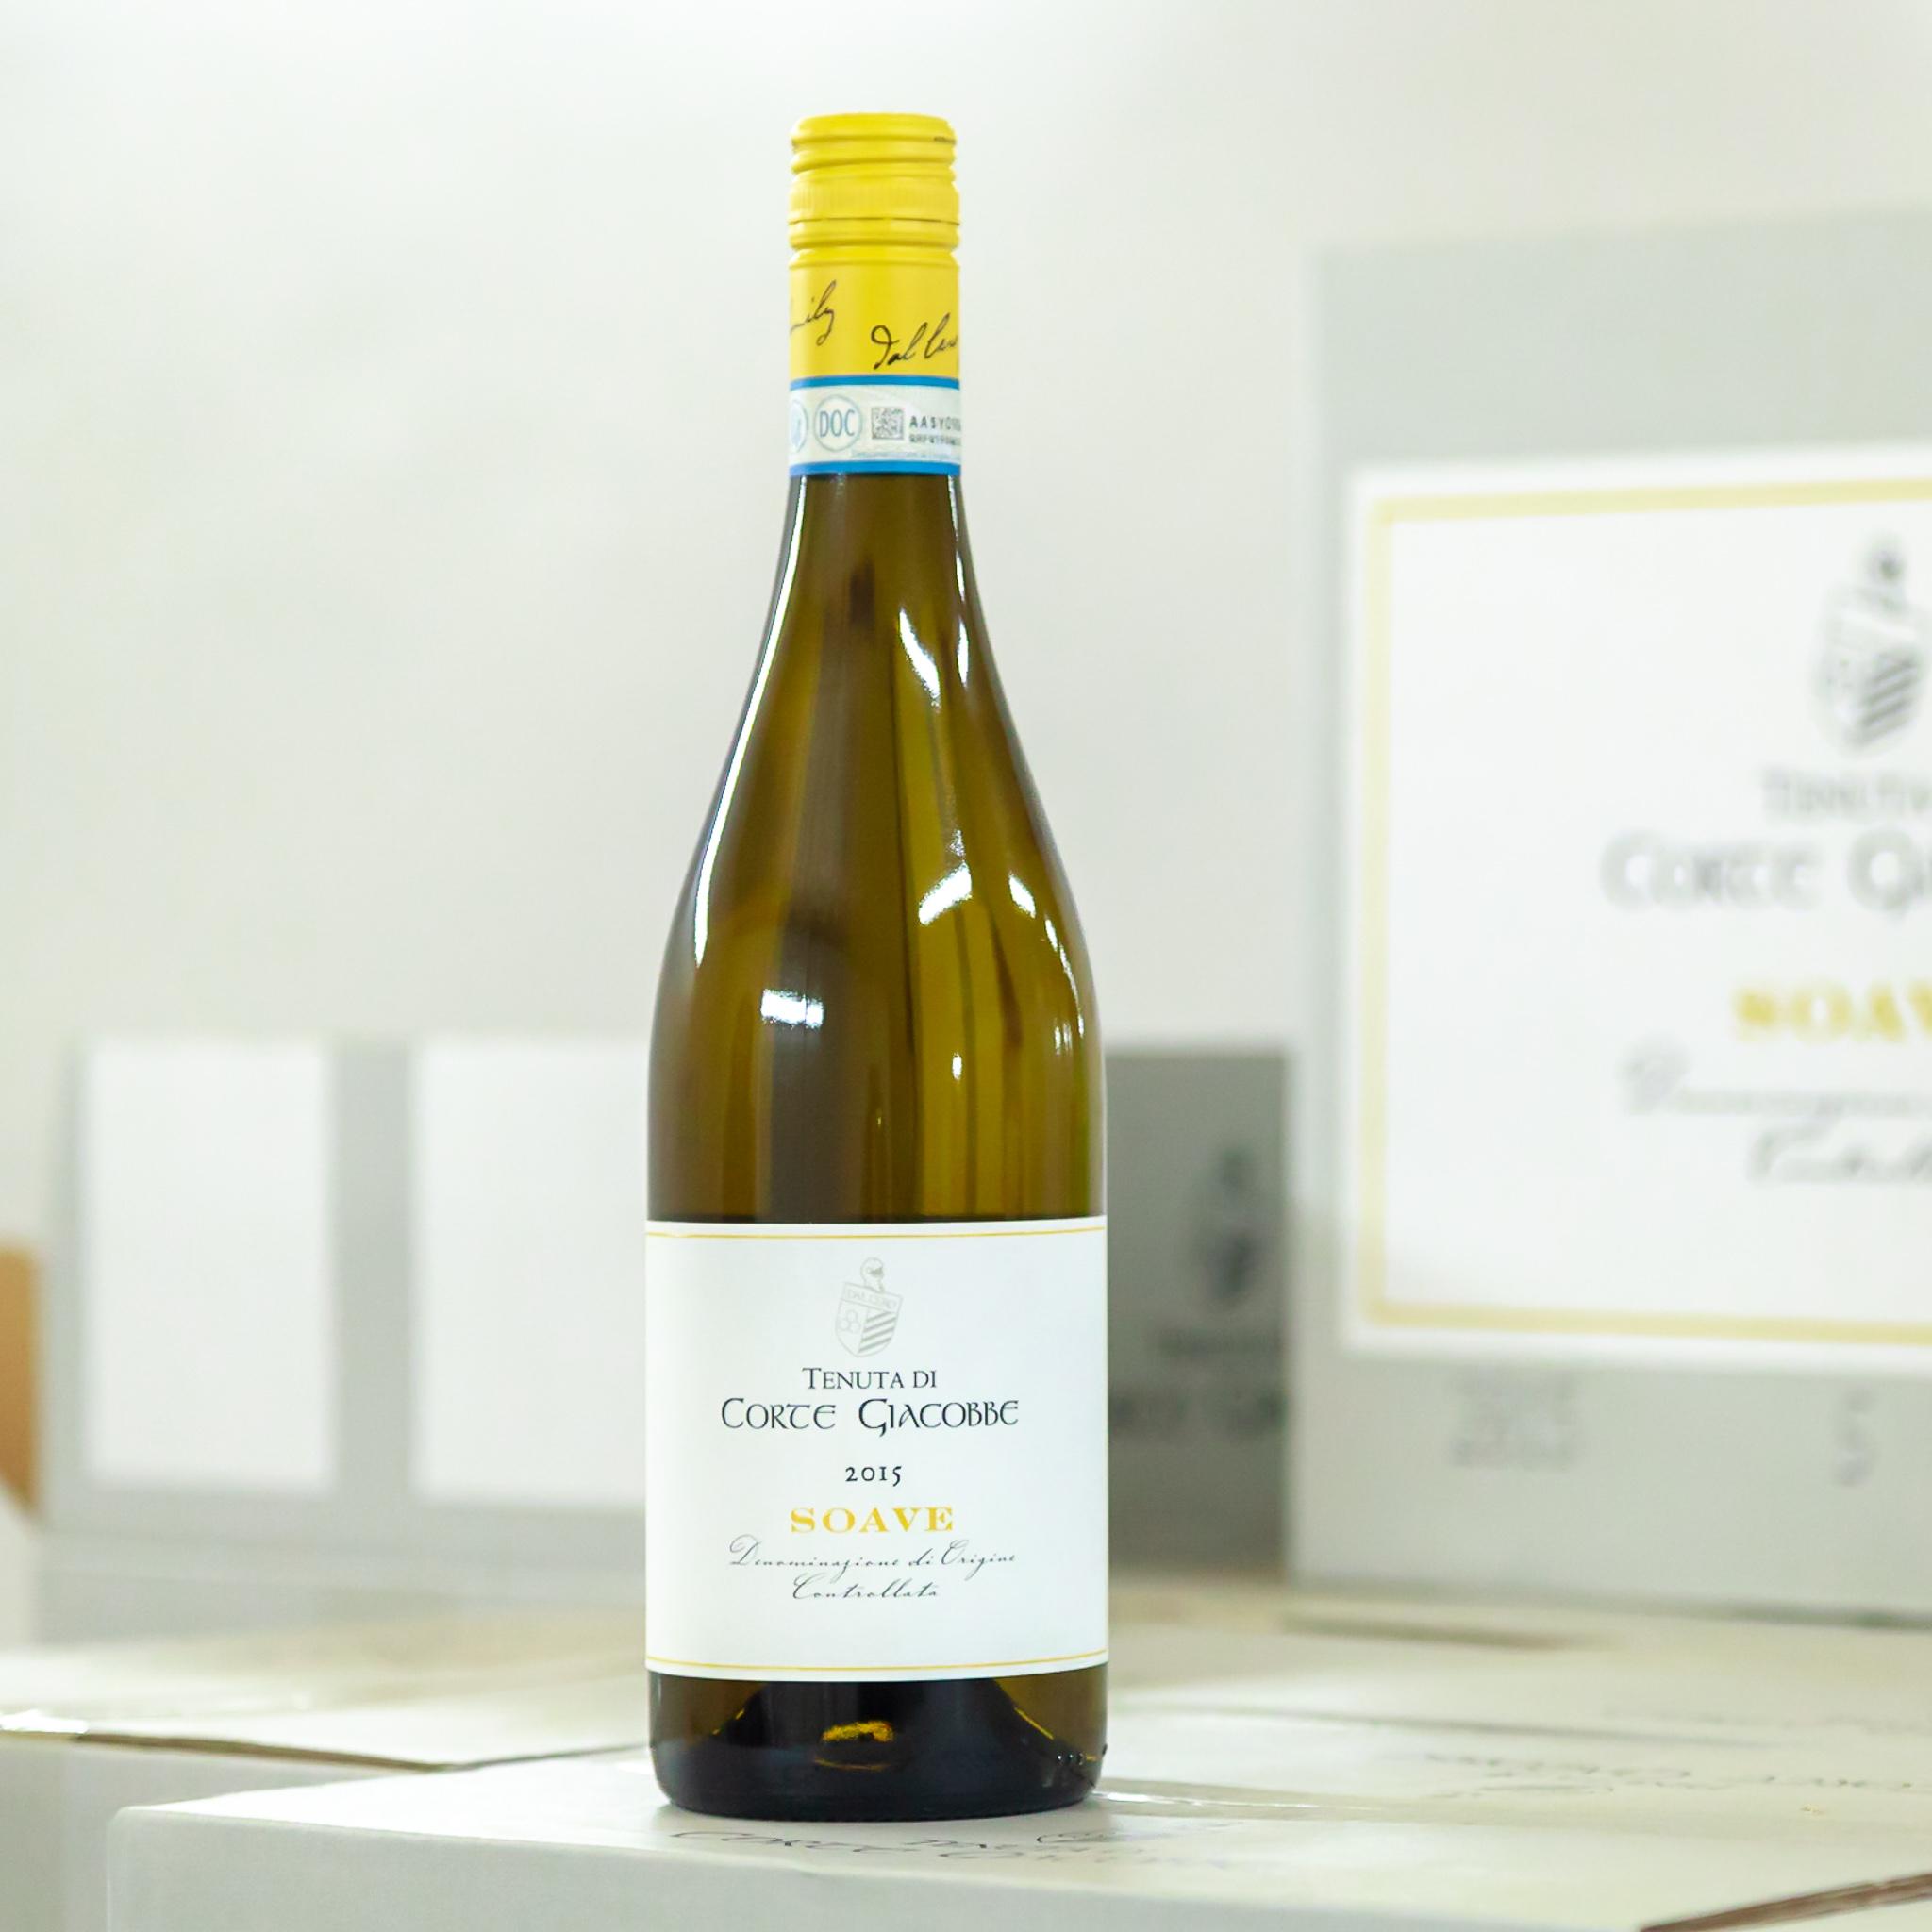 Soave - Šťavnaté harmonické víno s květinovým aroma. Vinná réva je pěstována na podloží sopečného původu, které dává vínu příjemnou mineralitu a plnost. Odrůda Garganega